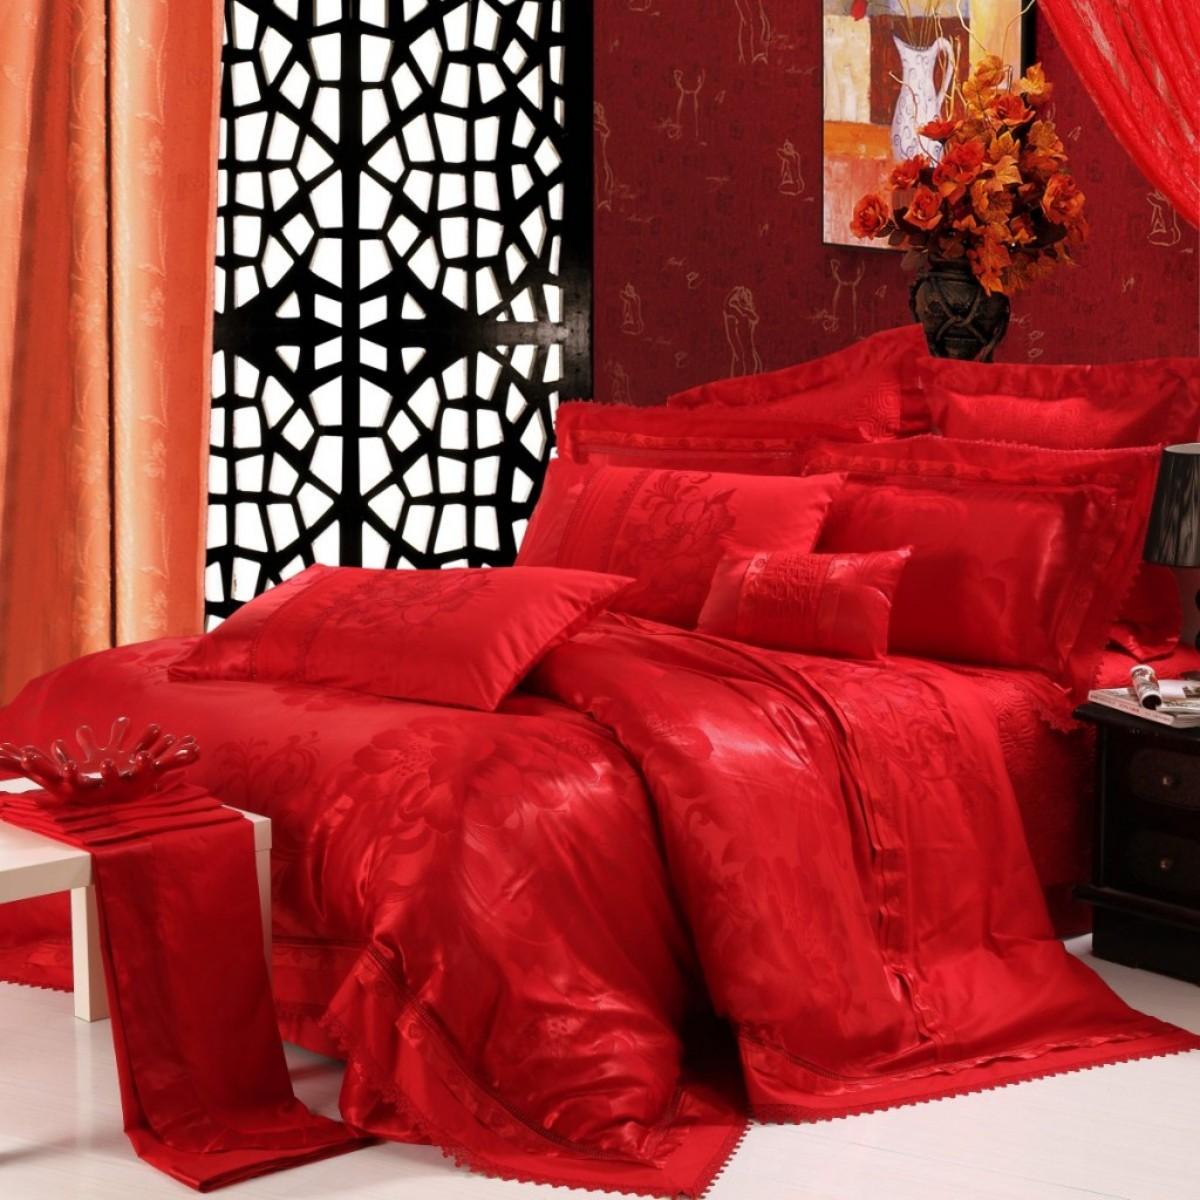 水星家纺婚庆大提花十件套结婚 纯棉绣花多件套红色床上用品包邮